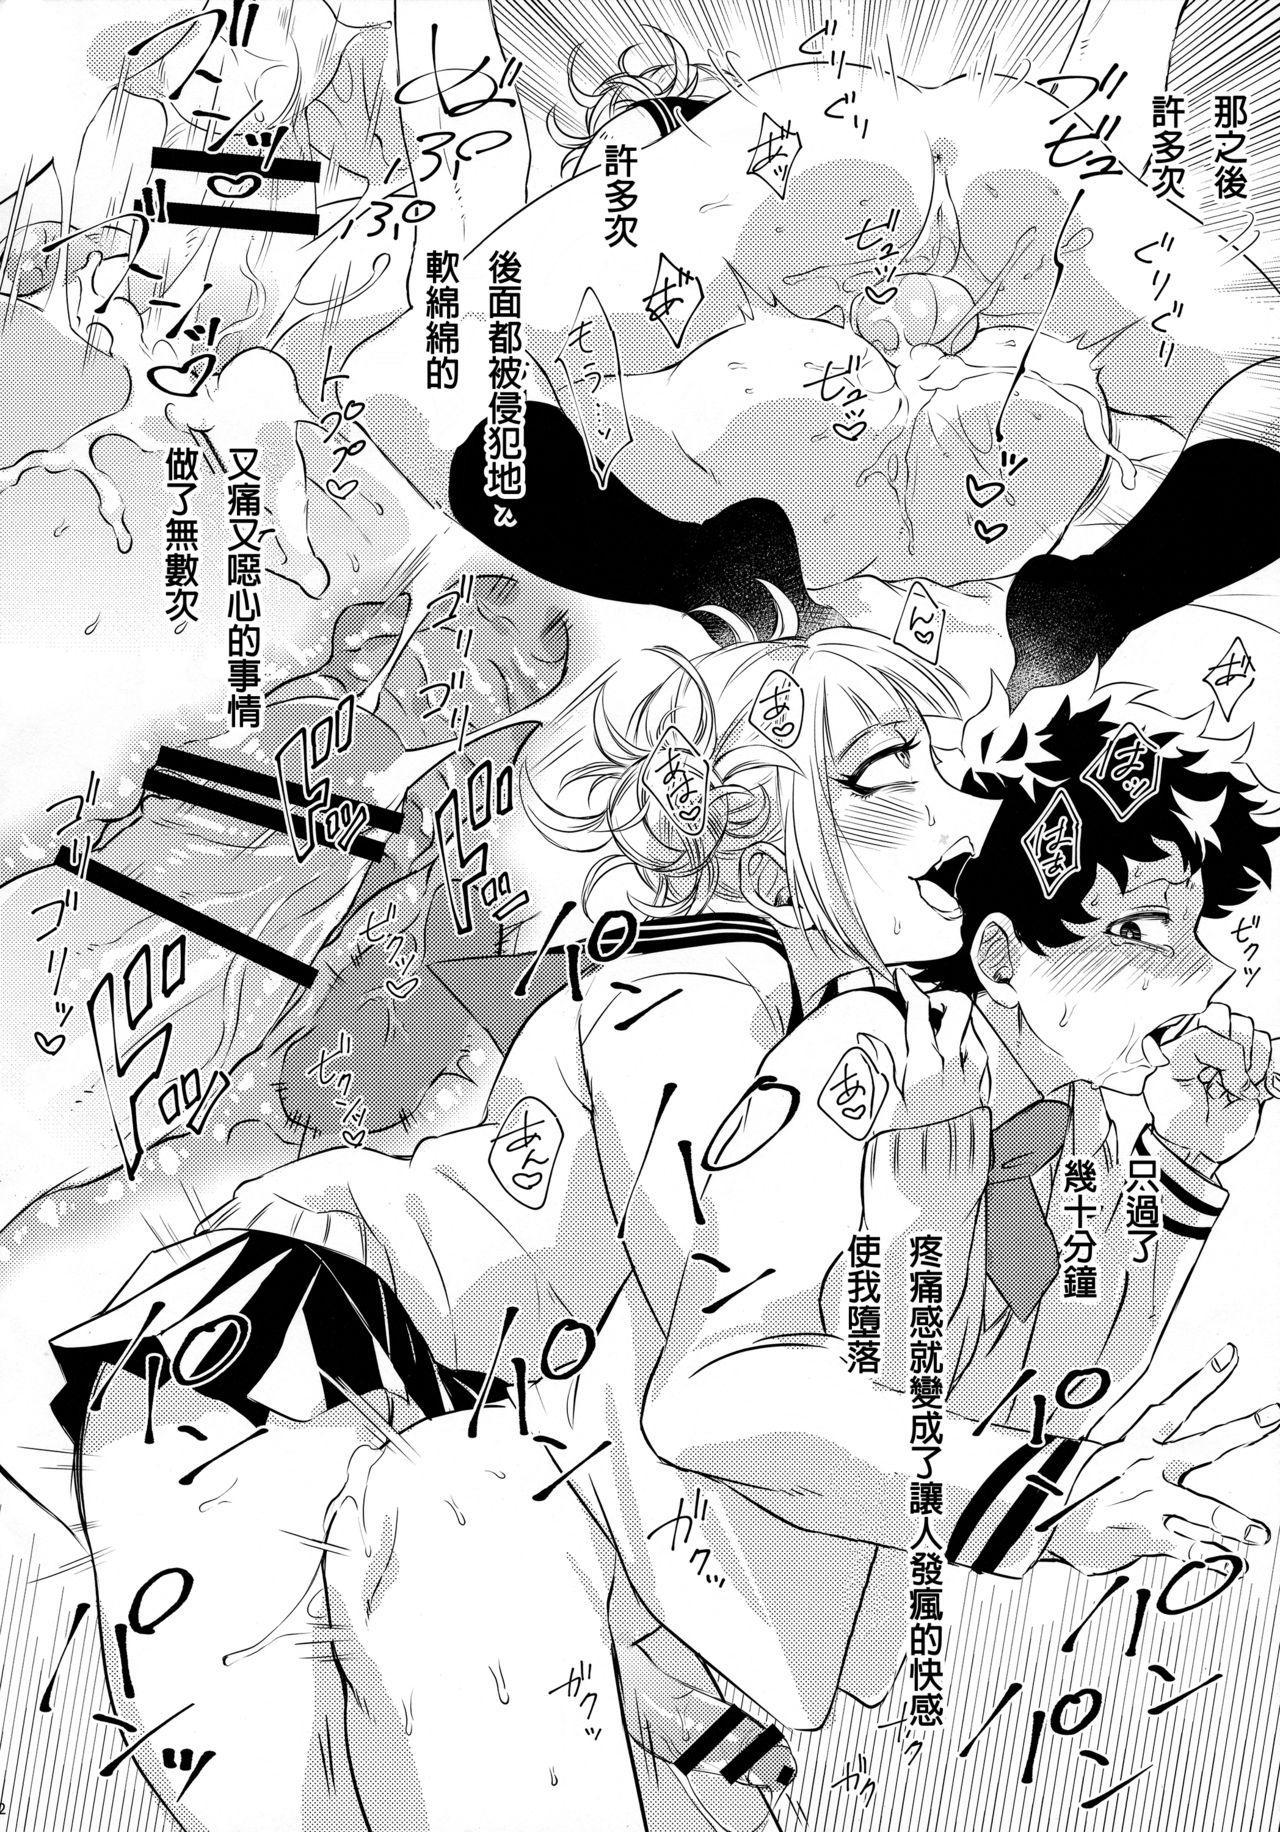 (Douyara Deban no Youda! 16) [Mekao (Den Meka)] Toga-chan to Deku-kun (Boku no Hero Academia) [Chinese] [沒有漢化] 11